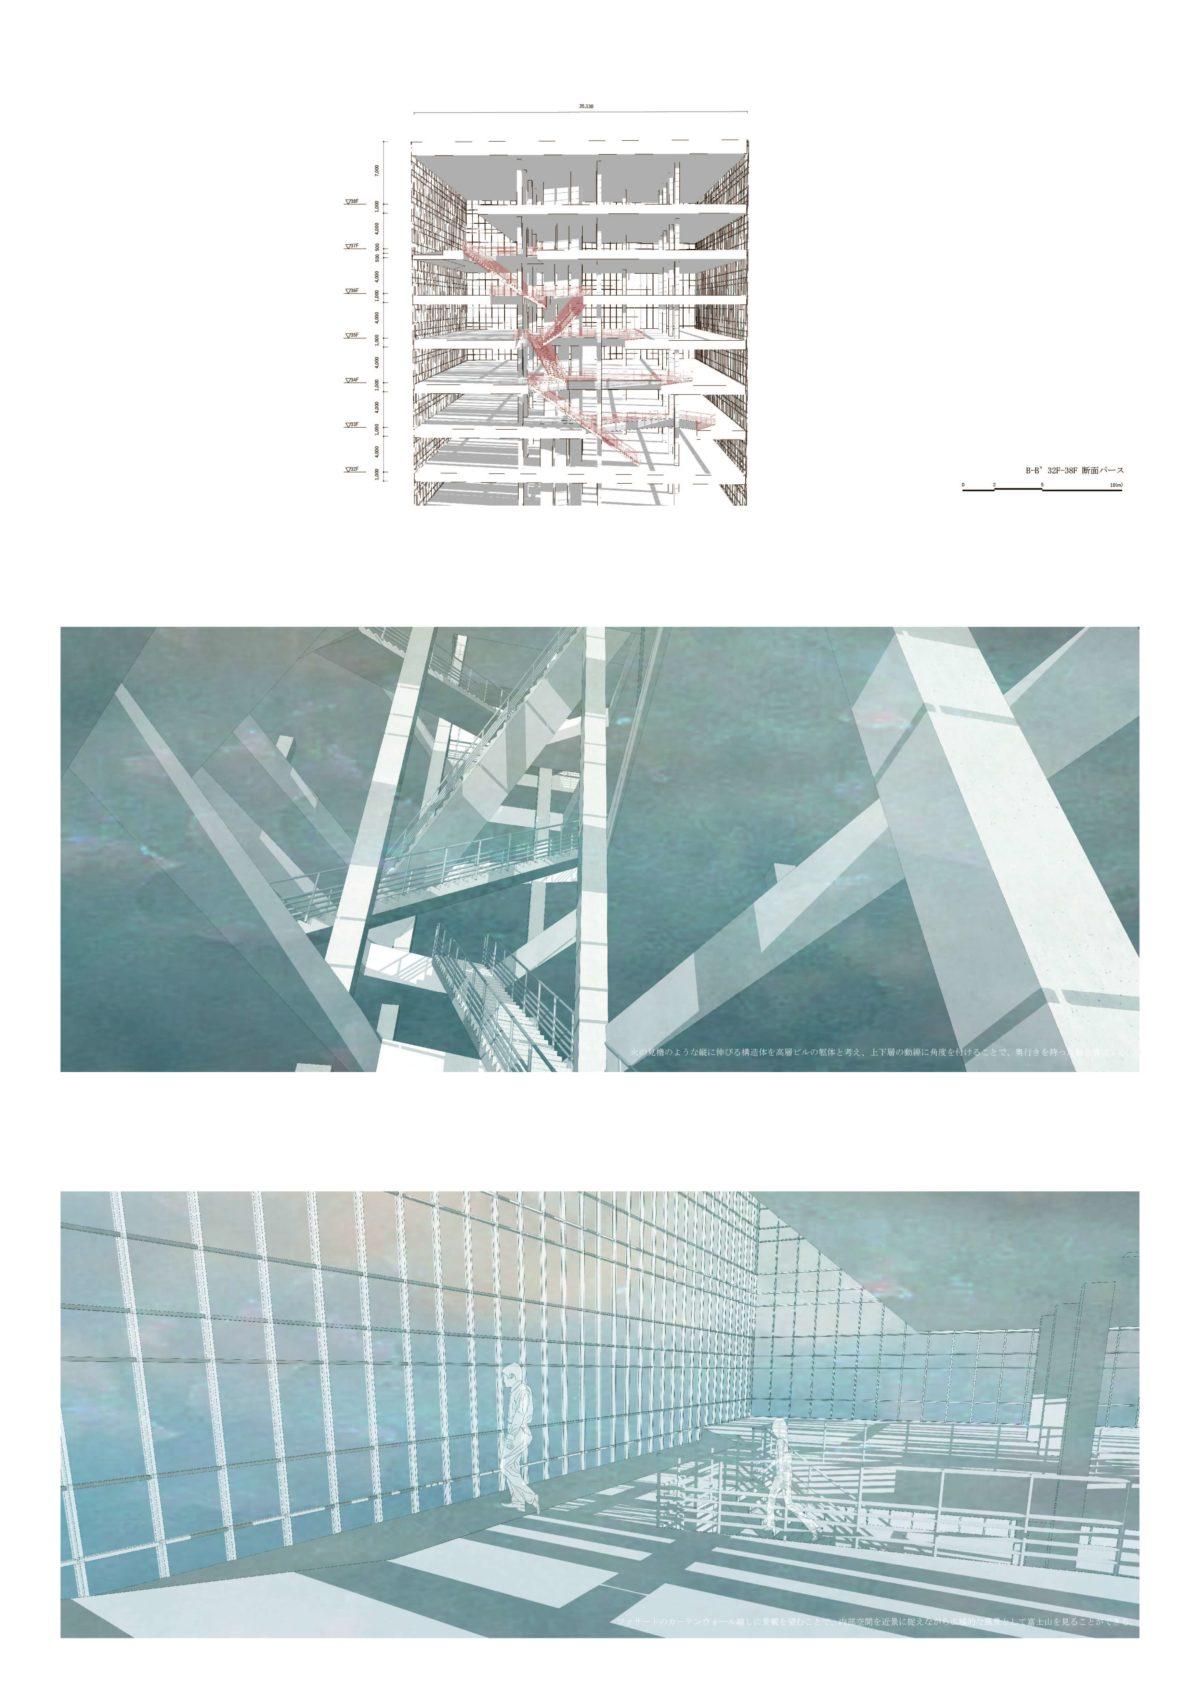 風景を想起する第五世代美術館建築 -歌川広重による名所江戸百景の分析を通して--5